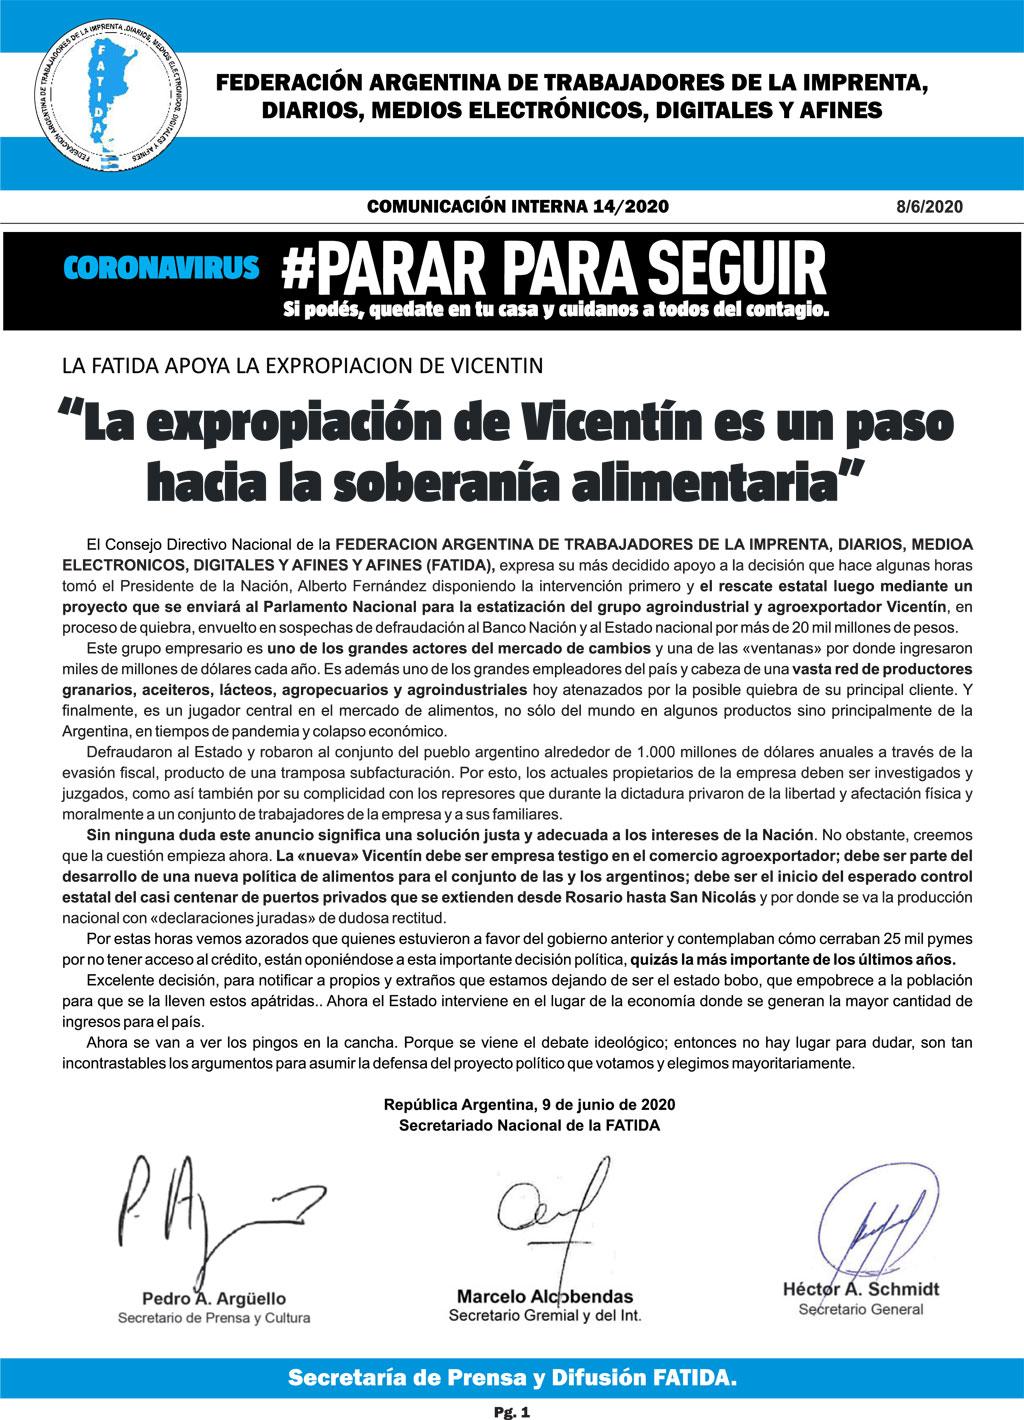 La expropiación de Vicentín es un paso hacia la soberanía alimentaria